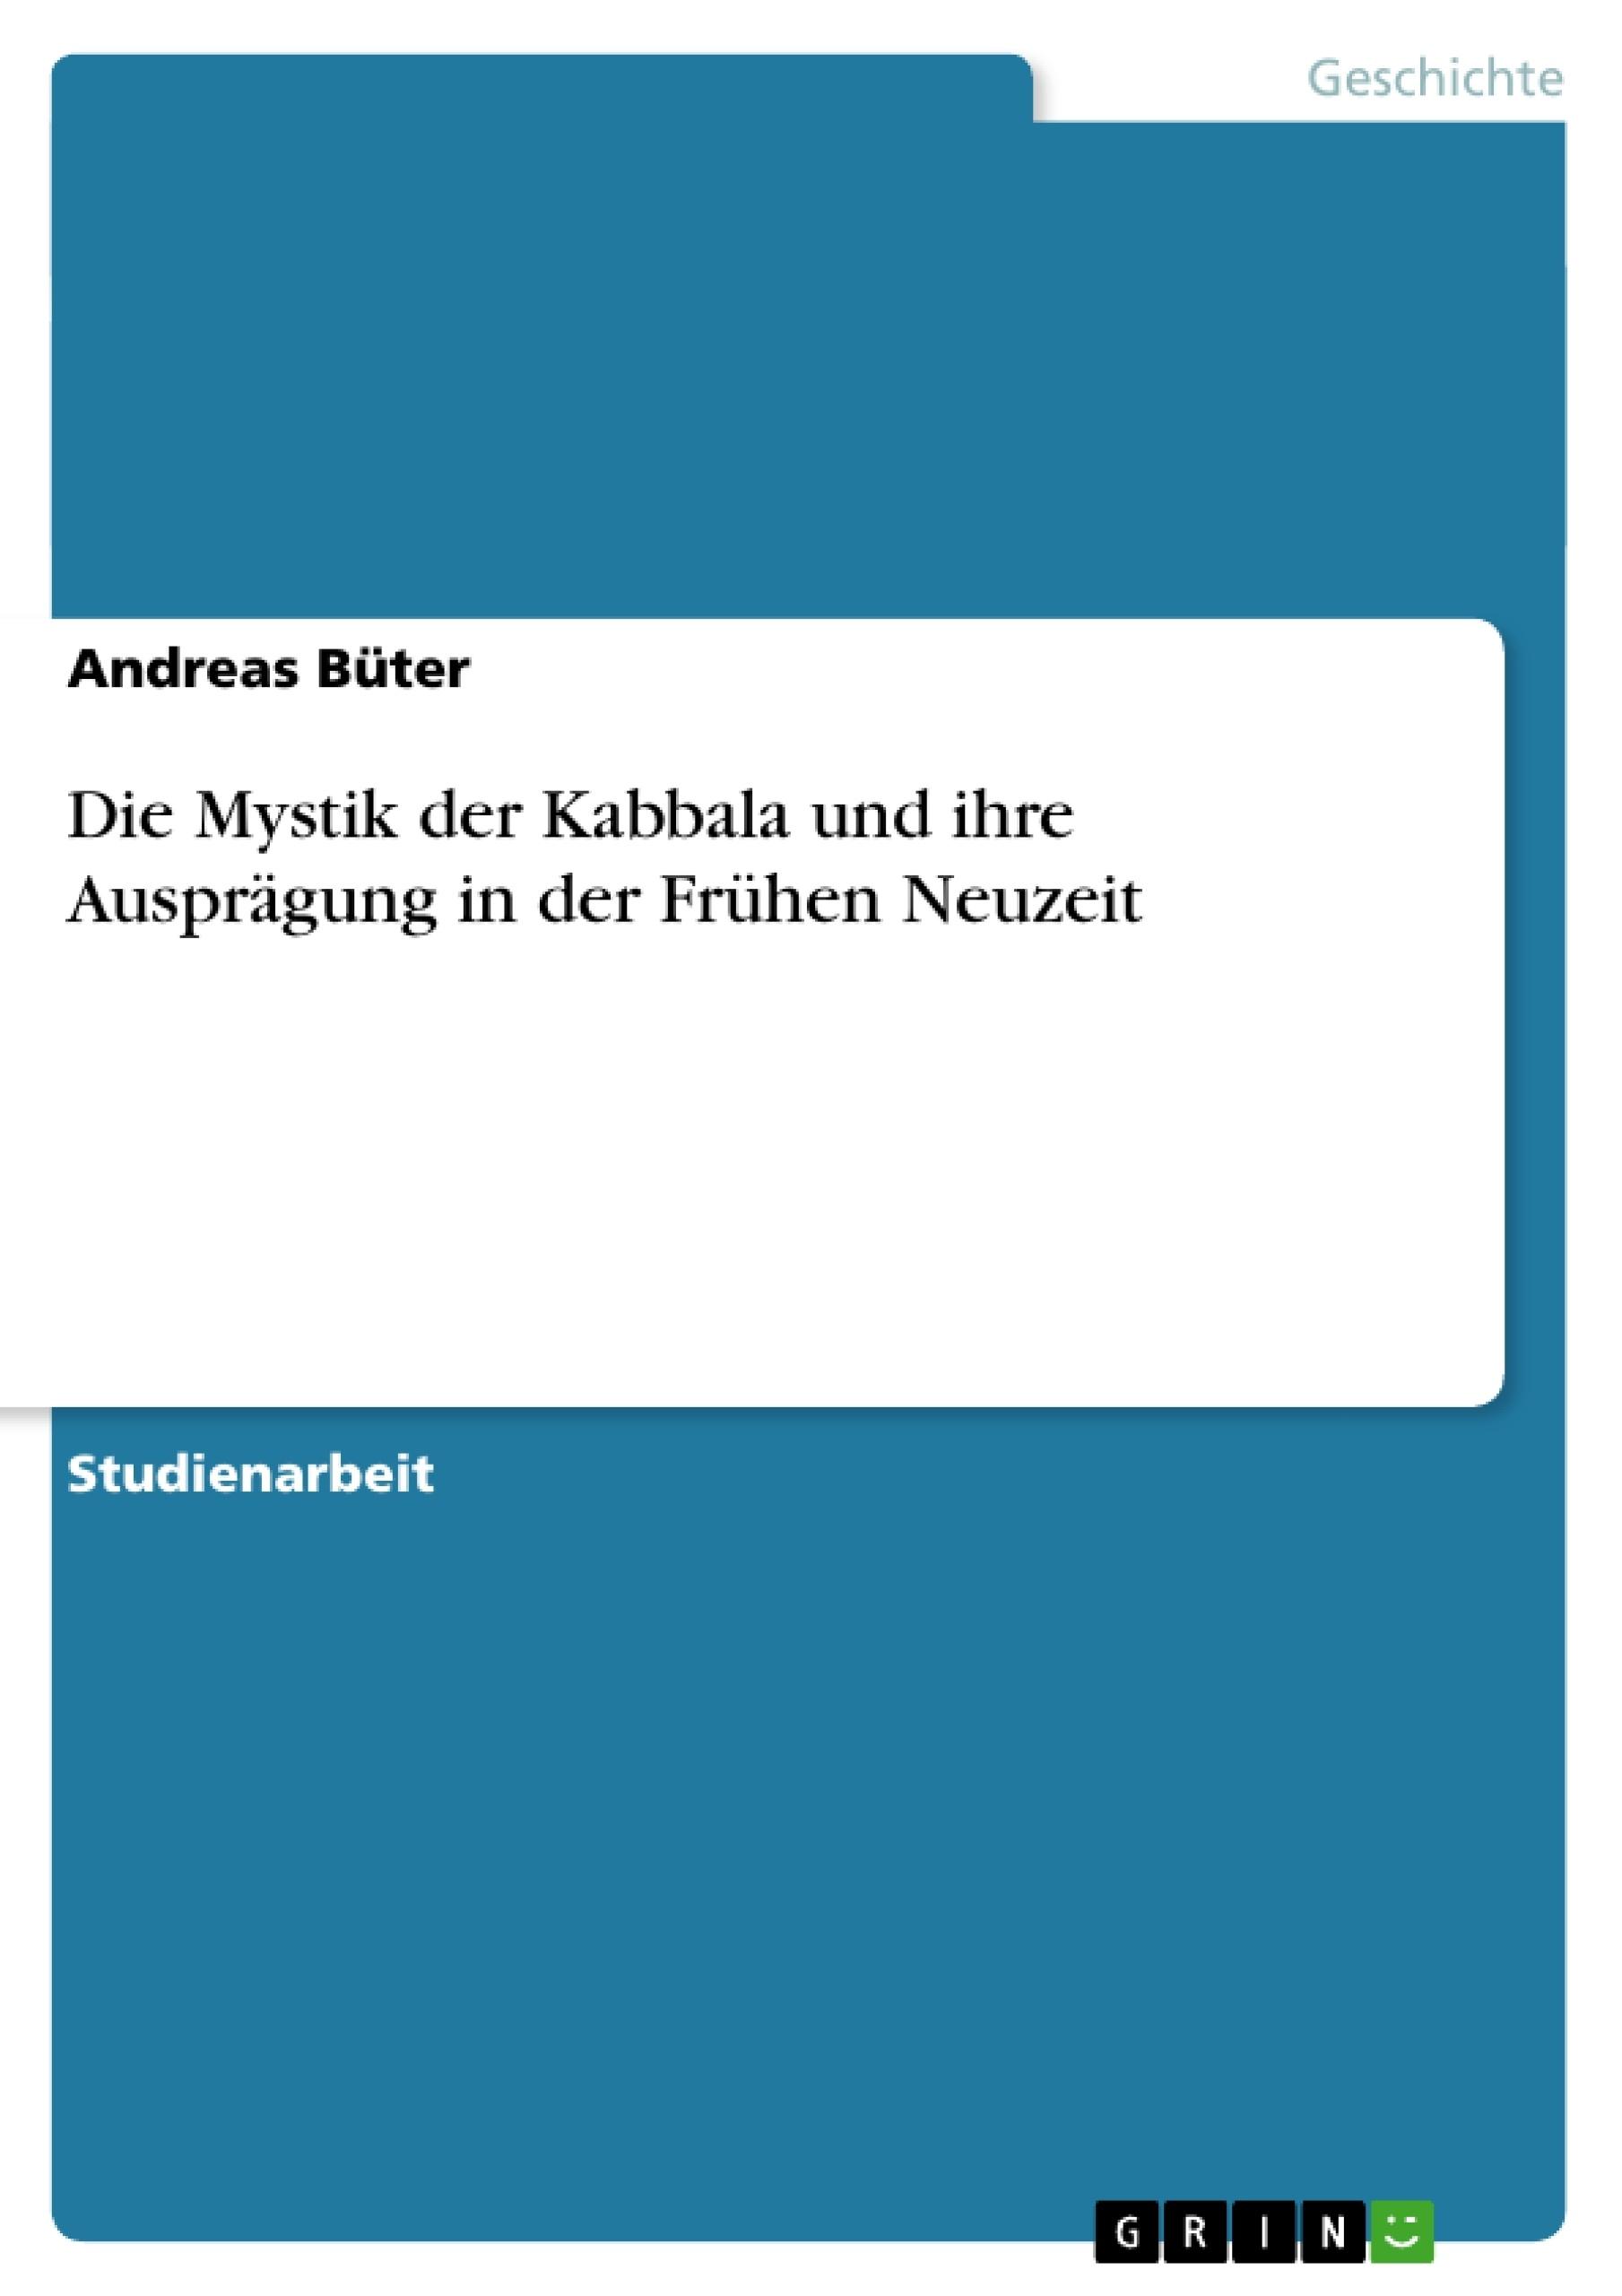 Titel: Die Mystik der Kabbala und ihre Ausprägung in der Frühen Neuzeit